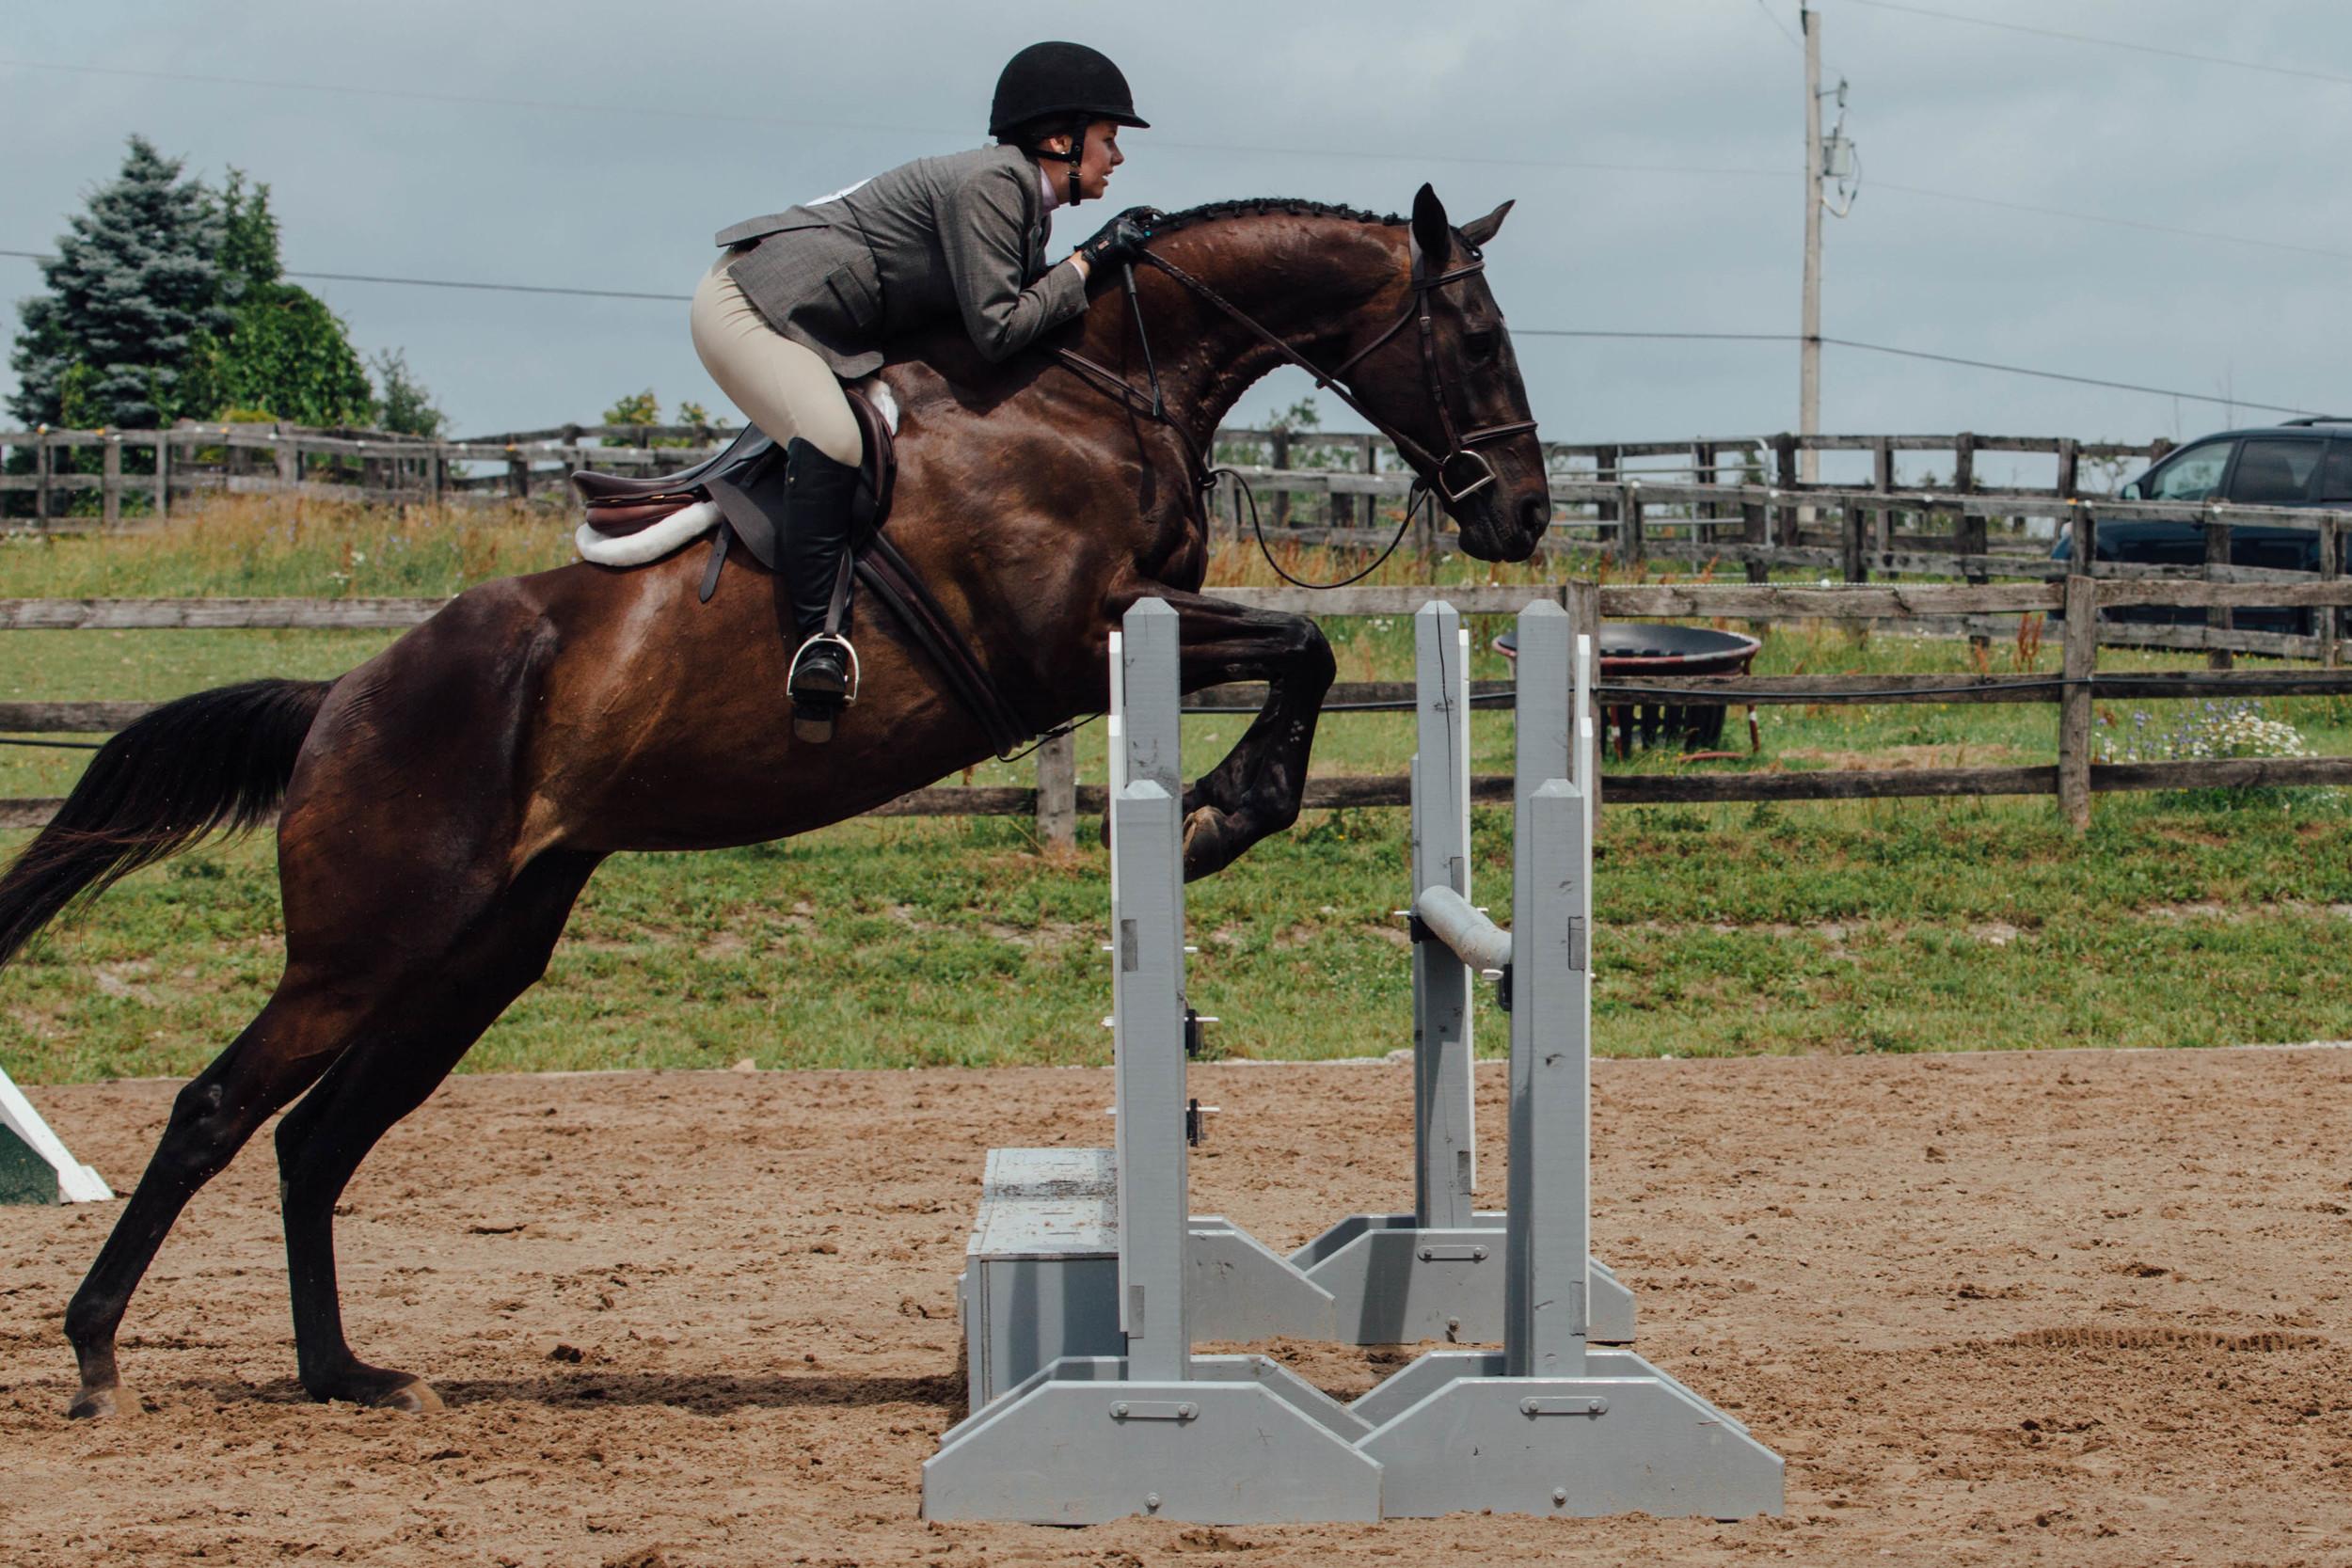 vsco edit horse show-1.jpg